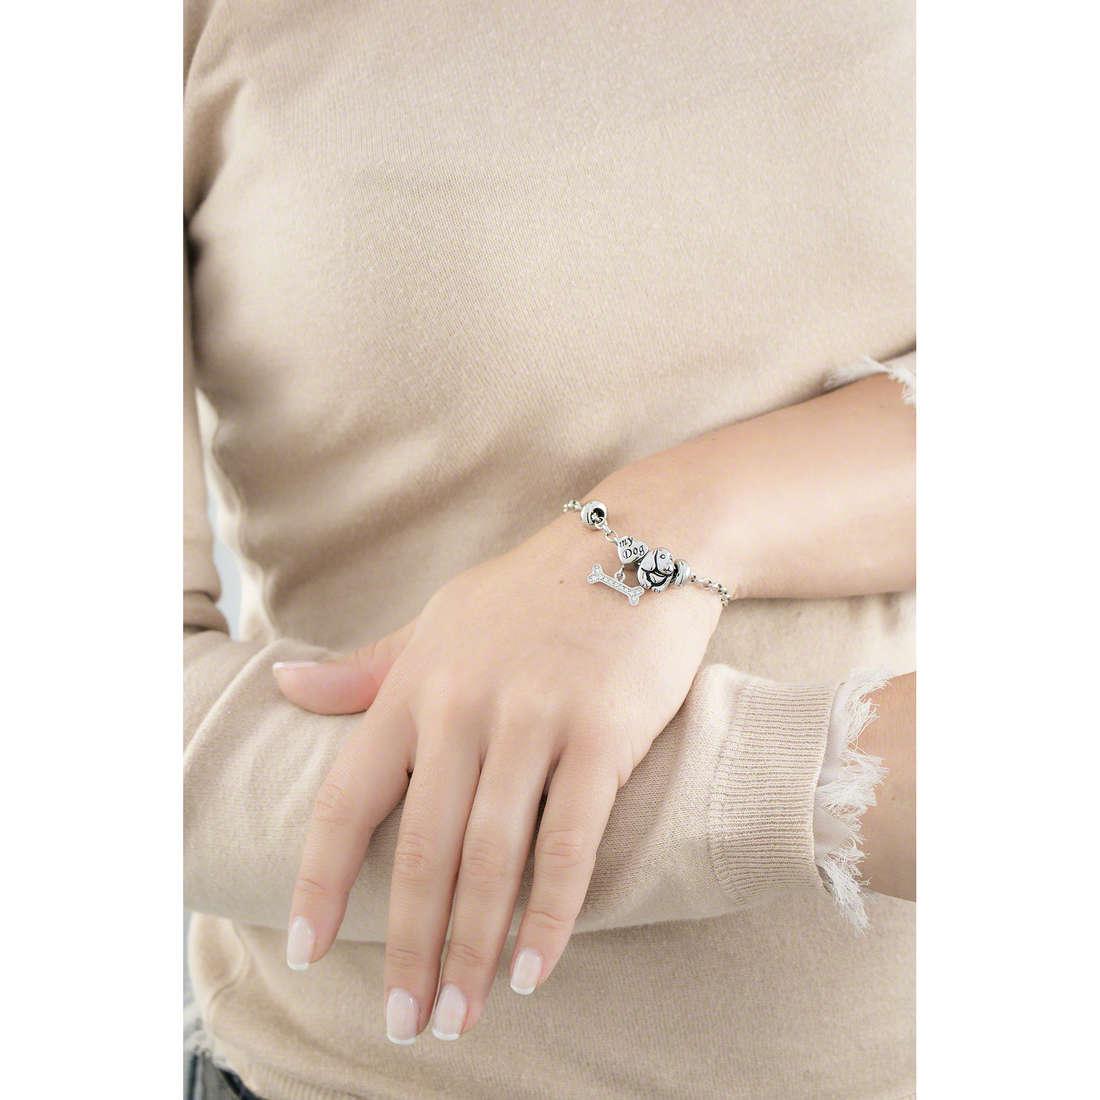 Morellato bracciali Drops donna SCZ716 indosso